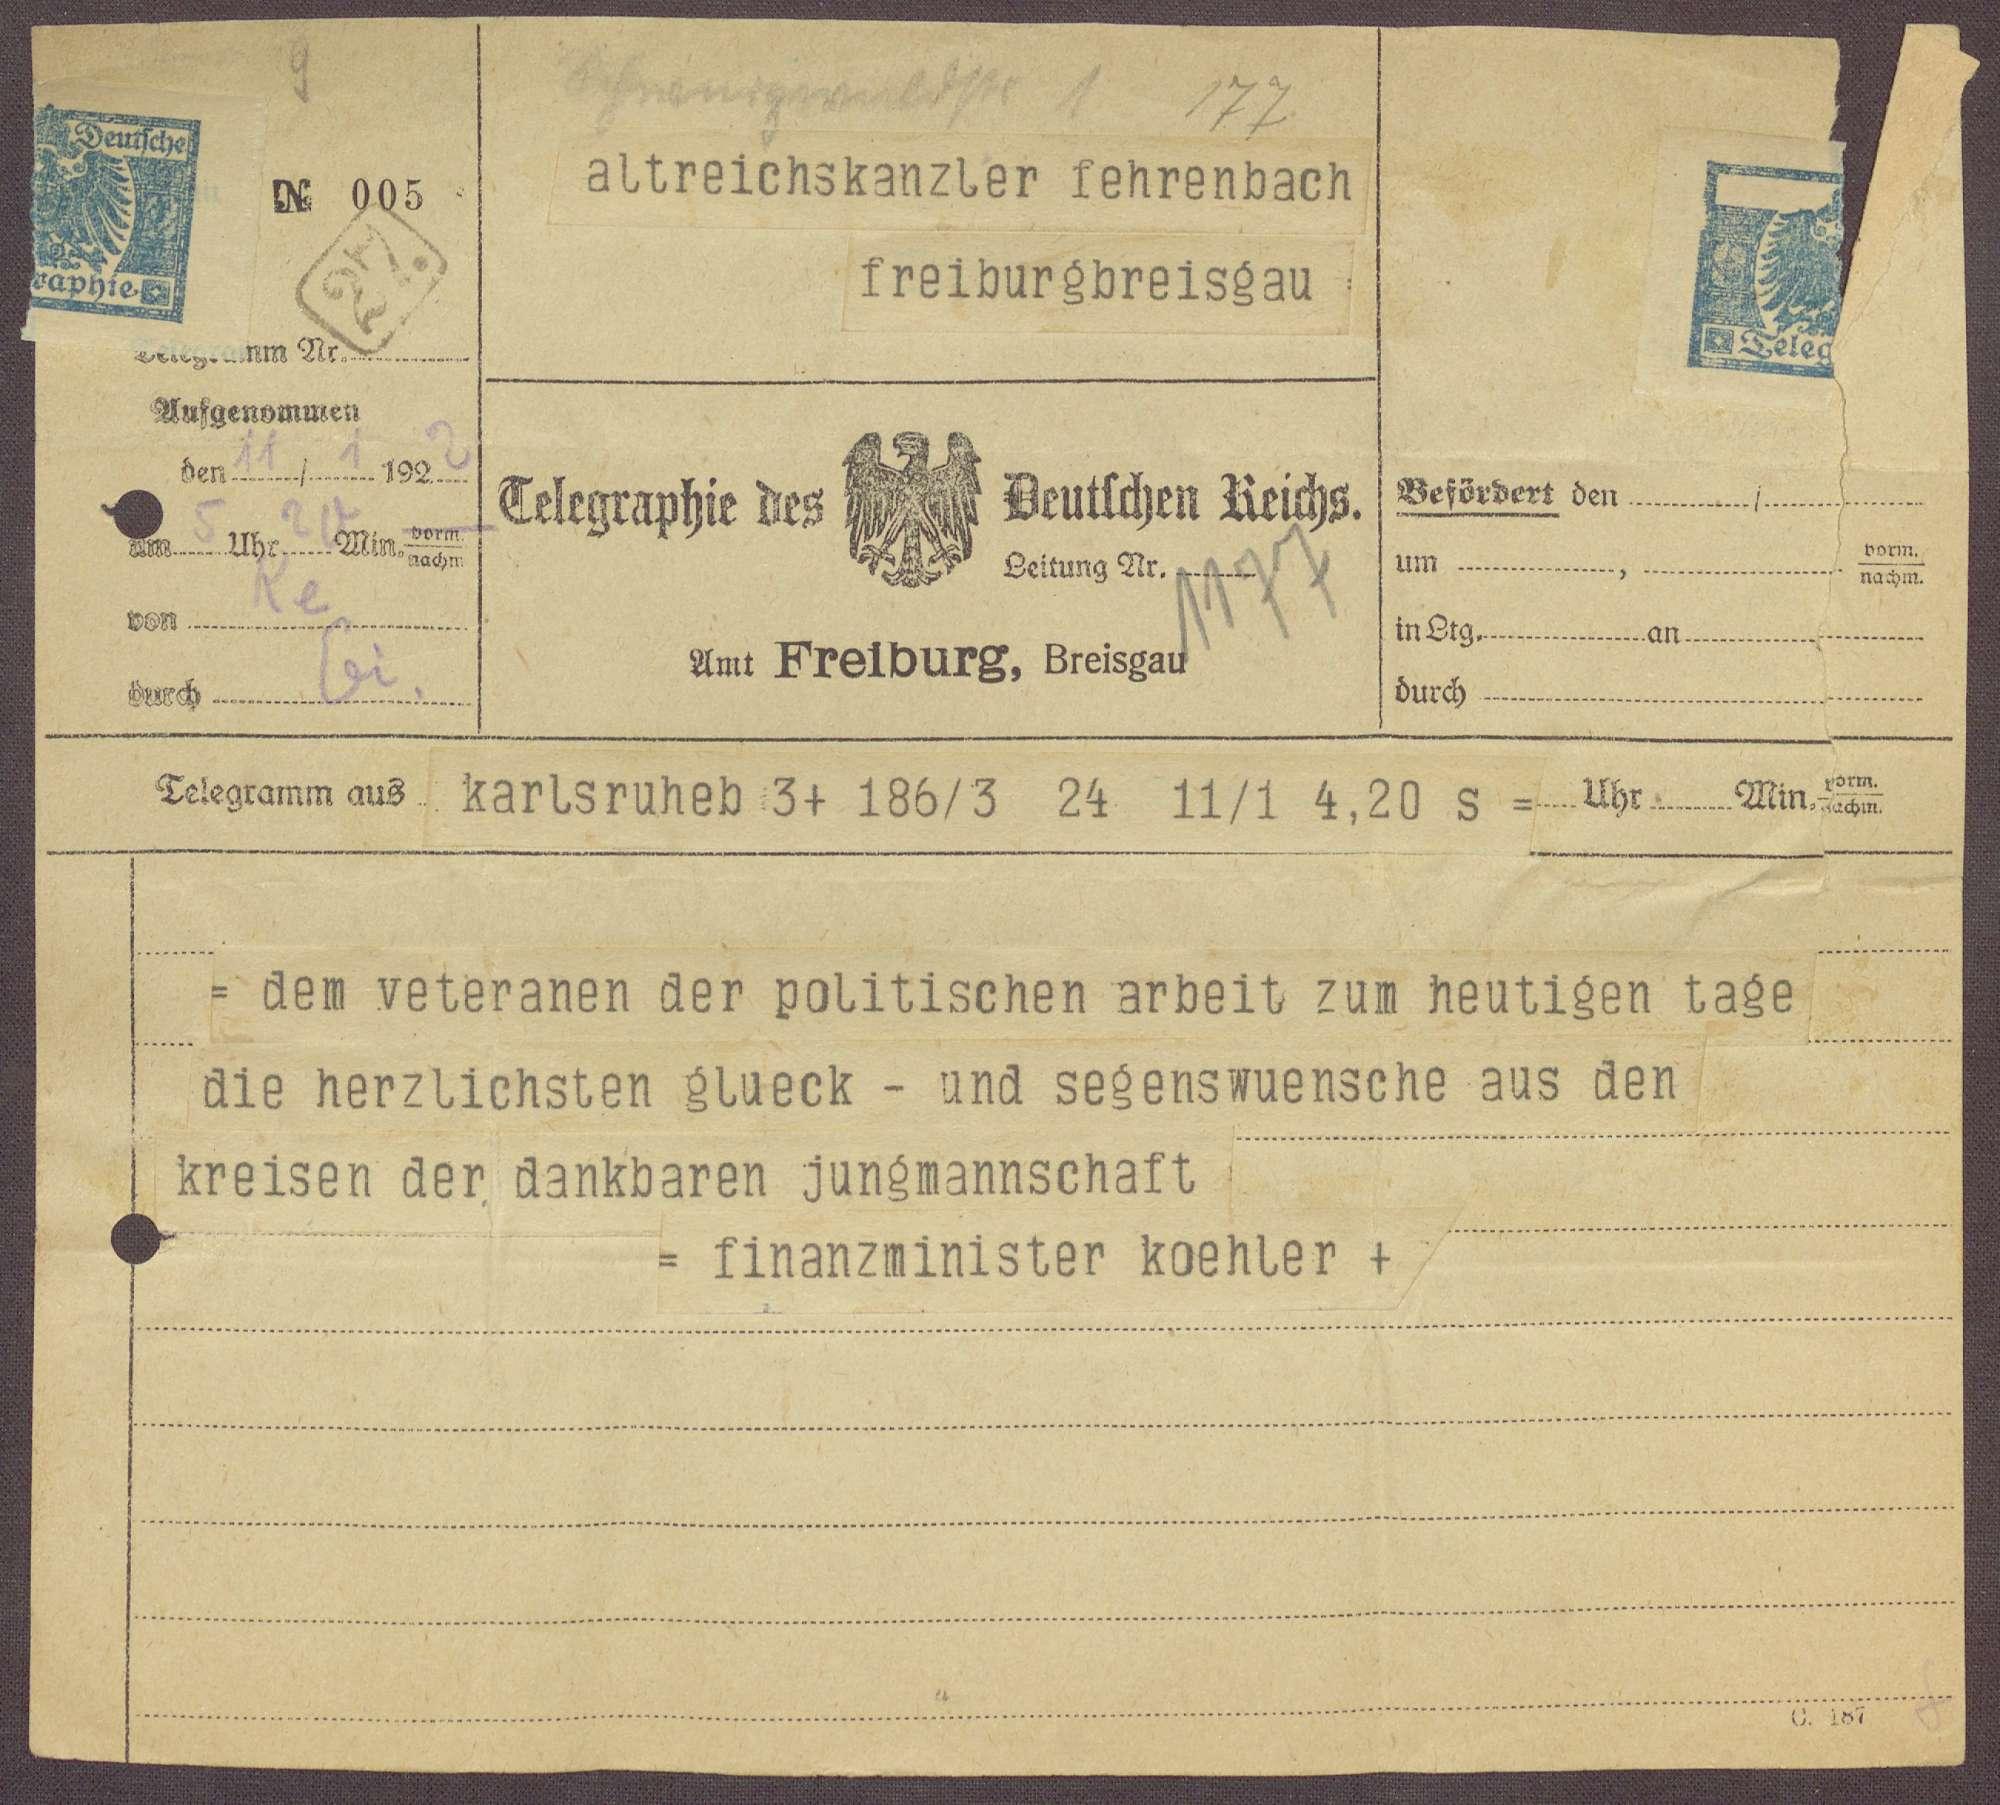 Glückwunschtelegramm zum 70. Geburtstag für Constantin Fehrenbach von Heinrich Köhler, Karlsruhe, Bild 1